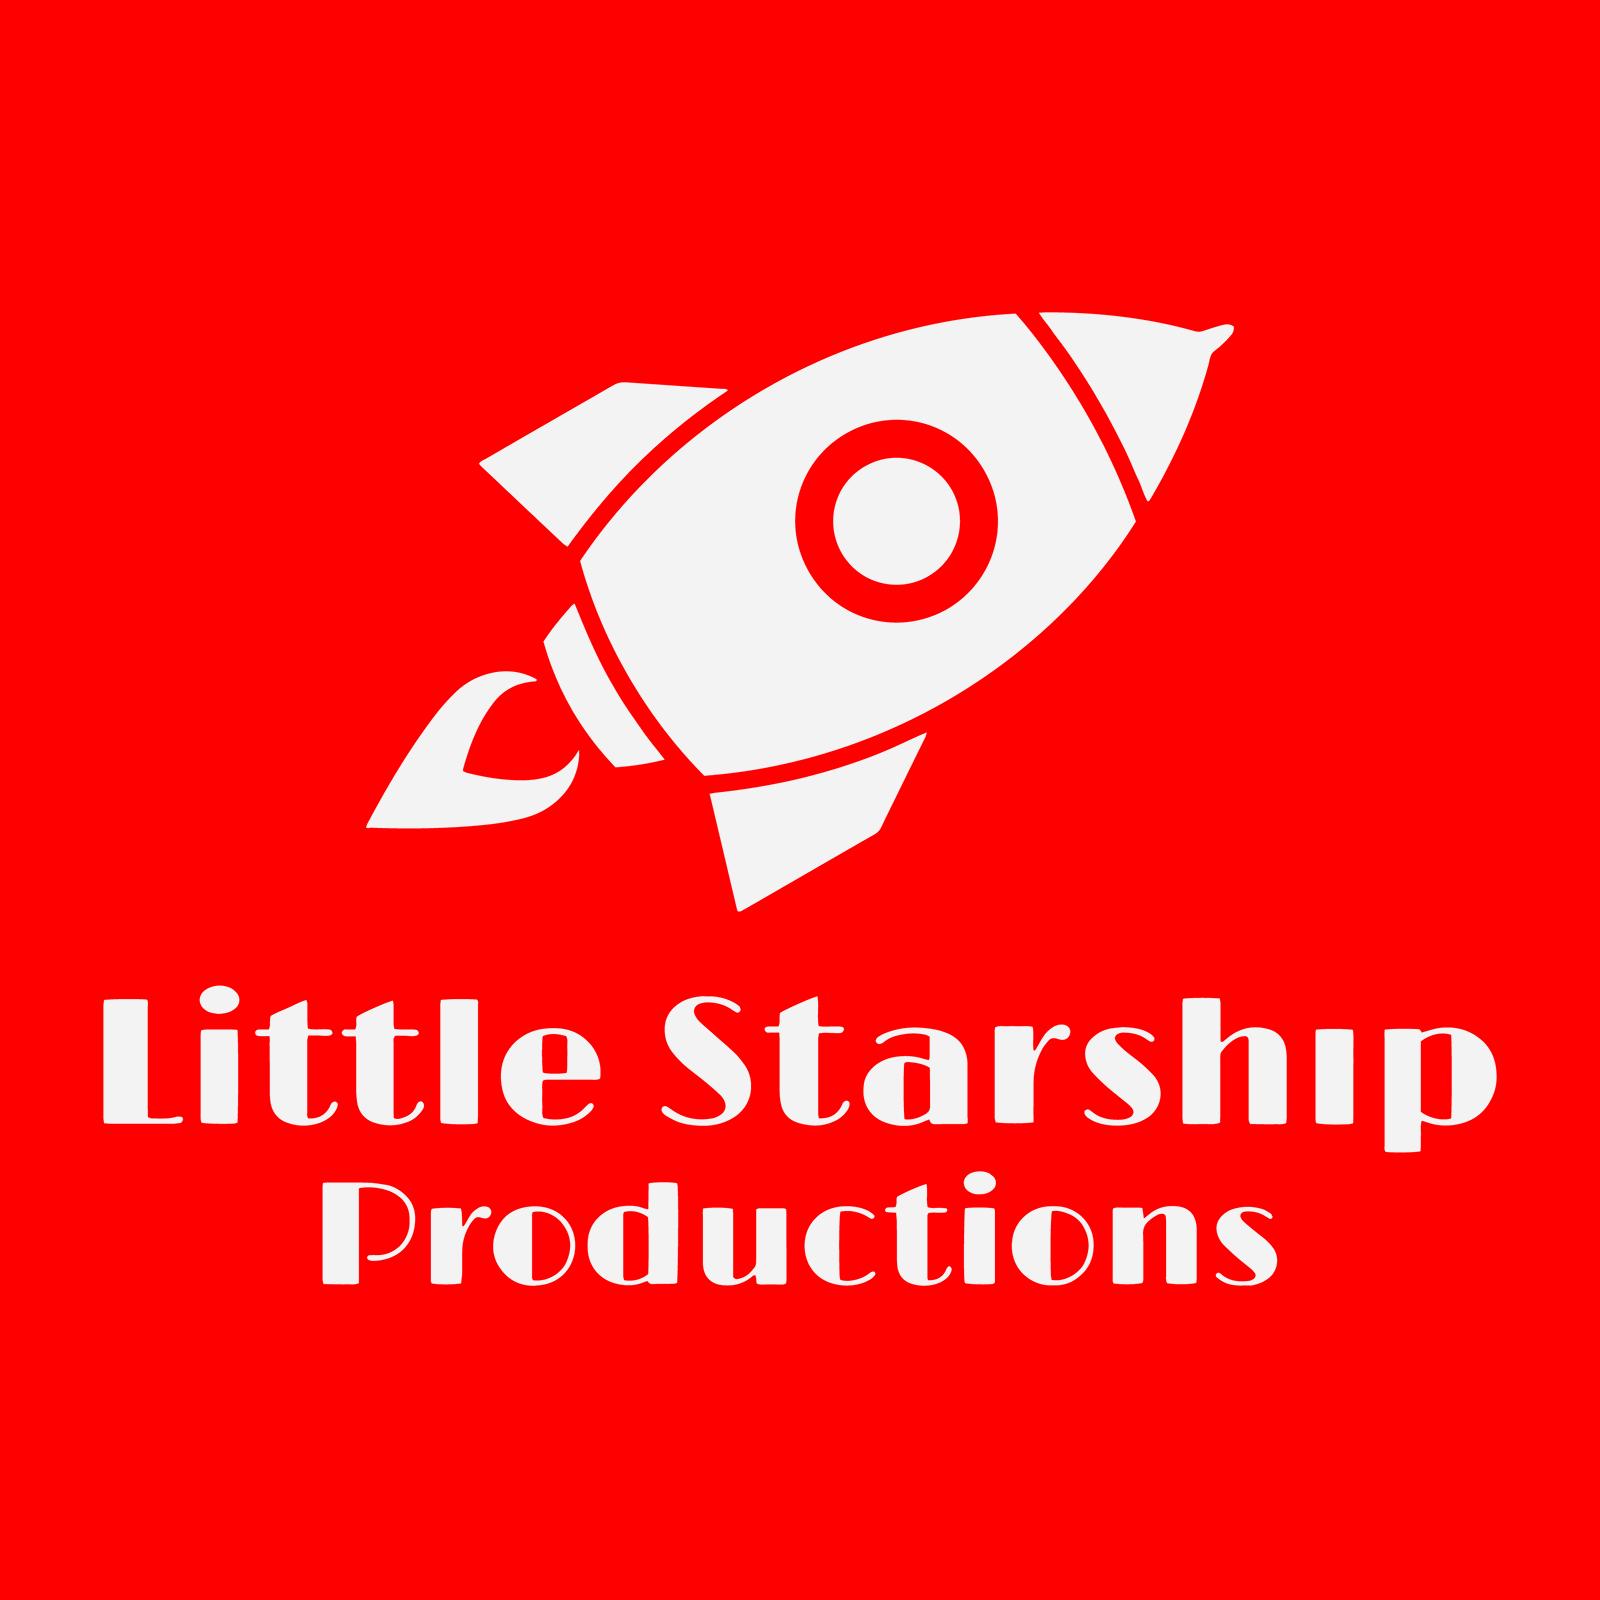 Little Starship-logo-white.png